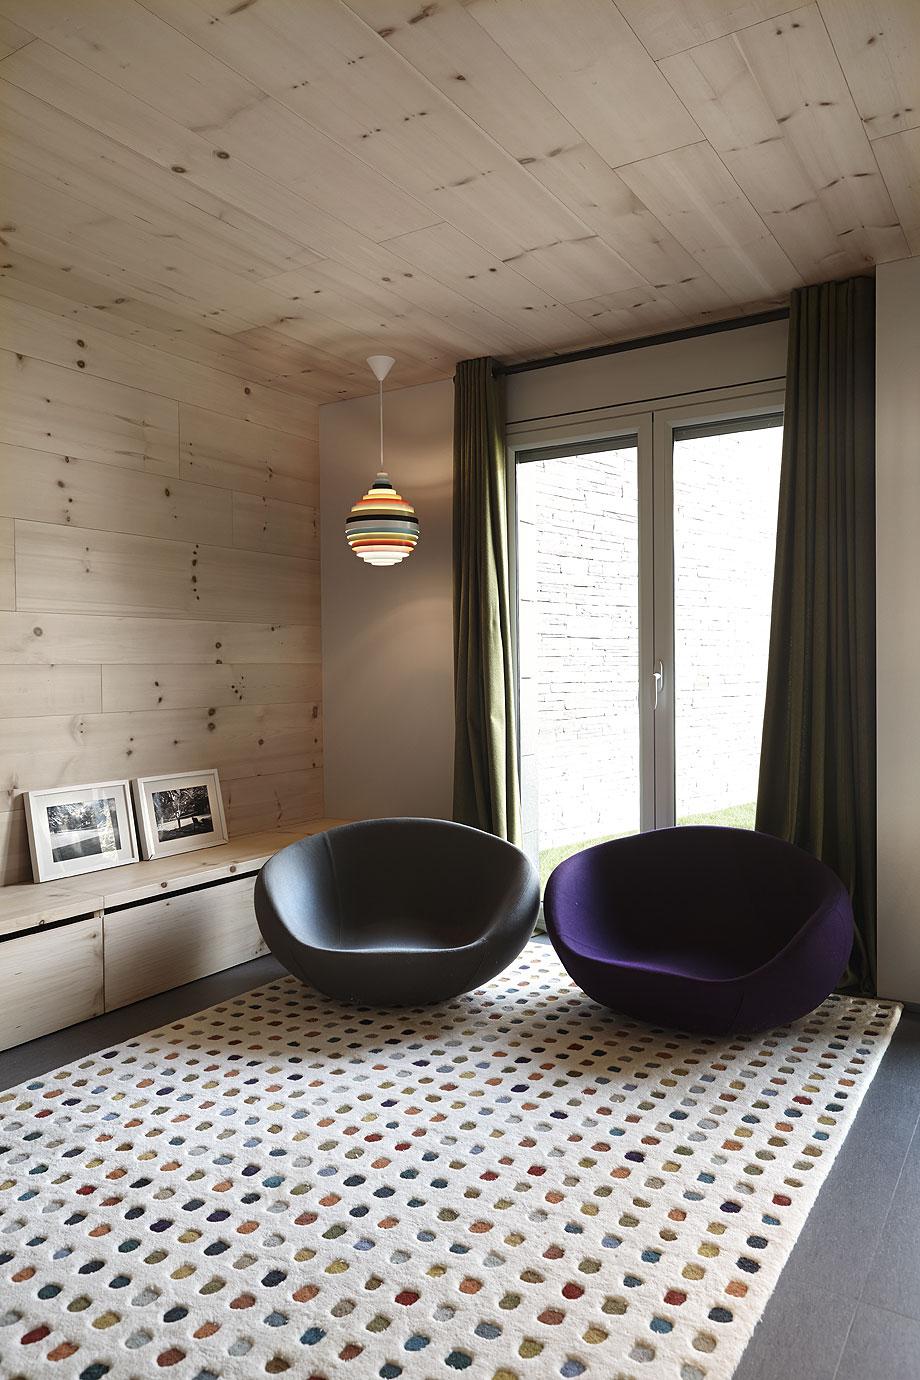 vivienda en andorra de coblonal arquitectura (10)